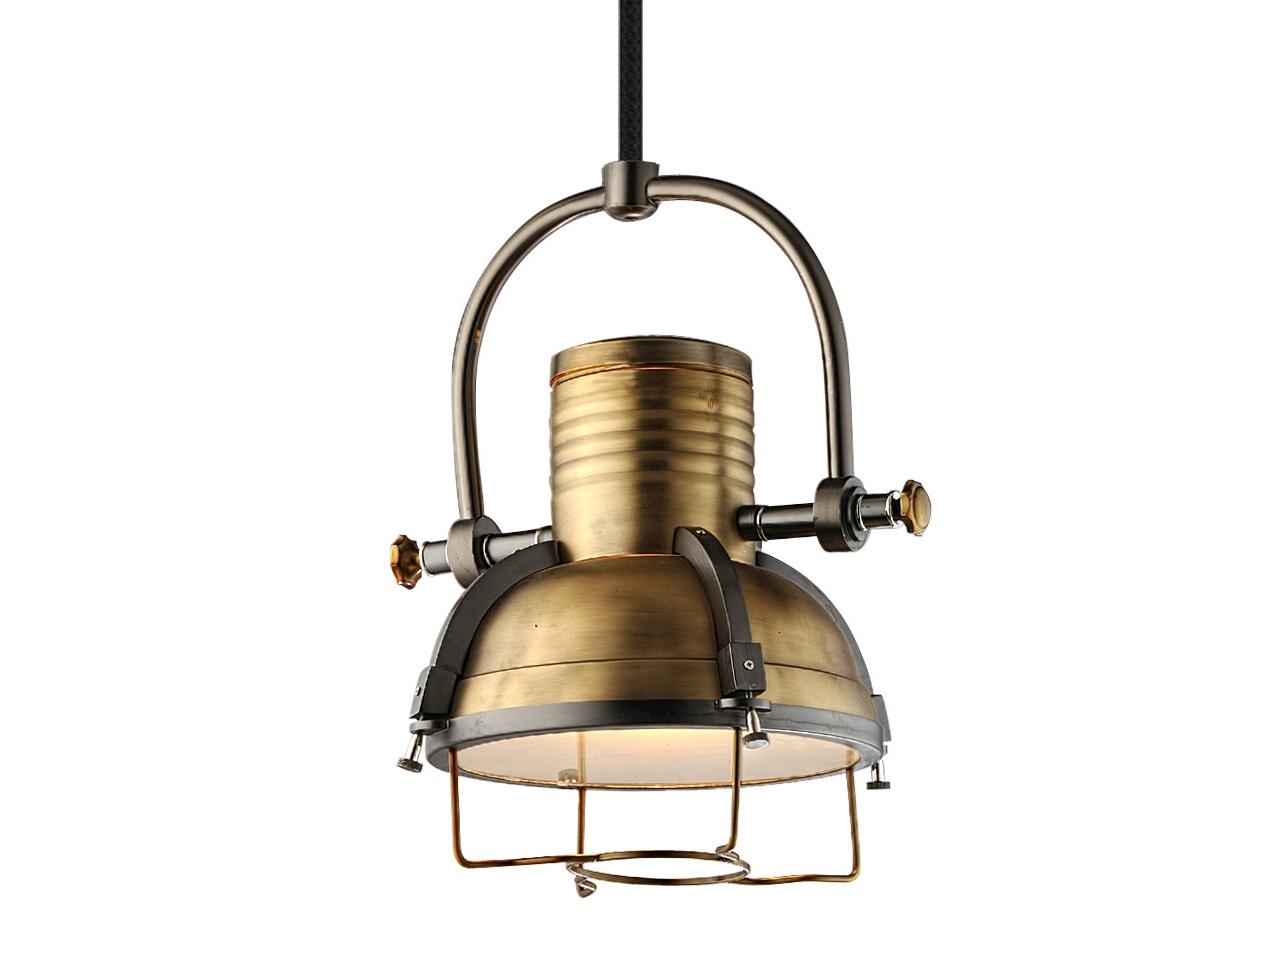 Люстра Godfrey Metal ChandelierПодвесные светильники<br>&amp;quot;Godfrey Metal Chandelier&amp;quot; пронизан промышленной эстетикой. Она присутствует в каждой детали оригинального светильника. Соединяясь с притягательностью ретро-стиля, она приобретает винтажный шарм, выраженный и в отделке, и в старинных пропорциях. Сложный силуэт со множеством элементов выглядит интересно и отличается практичностью. Конструкция, позволяющая задавать направление света, делает этот светильник отличным дополнением для модного бара или кухни.&amp;lt;div&amp;gt;&amp;lt;br&amp;gt;&amp;lt;/div&amp;gt;&amp;lt;div&amp;gt;Подвесной светильник-прожектор из коллекции Godfrey выполнен из металла цвета латунь. Световой поток можно регулировать.&amp;lt;/div&amp;gt;&amp;lt;div&amp;gt;Цоколь: E27&amp;lt;/div&amp;gt;&amp;lt;div&amp;gt;Мощность: 60W&amp;lt;/div&amp;gt;&amp;lt;div&amp;gt;Количество ламп: 1&amp;lt;/div&amp;gt;&amp;lt;div&amp;gt;Лампа в комплект не входит&amp;lt;/div&amp;gt;<br><br>Material: Металл<br>Height см: 50<br>Diameter см: 46